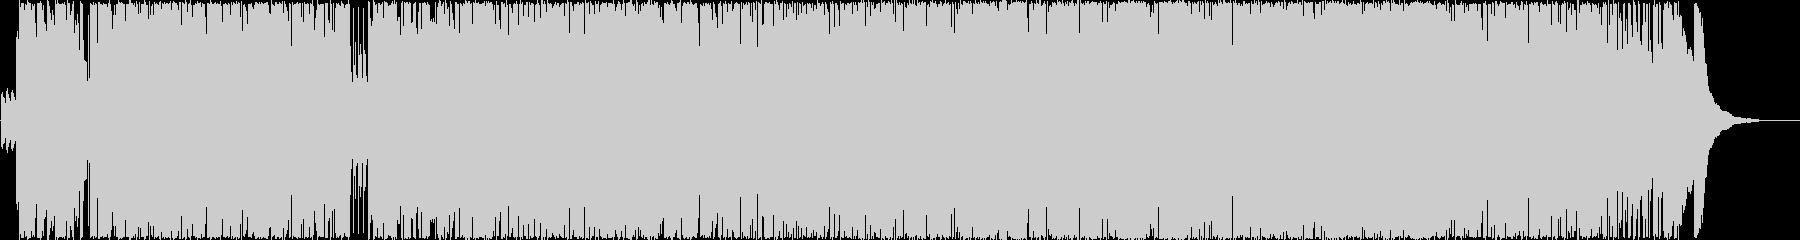 ピアノ伴奏でふわふわしたガールズポップの未再生の波形